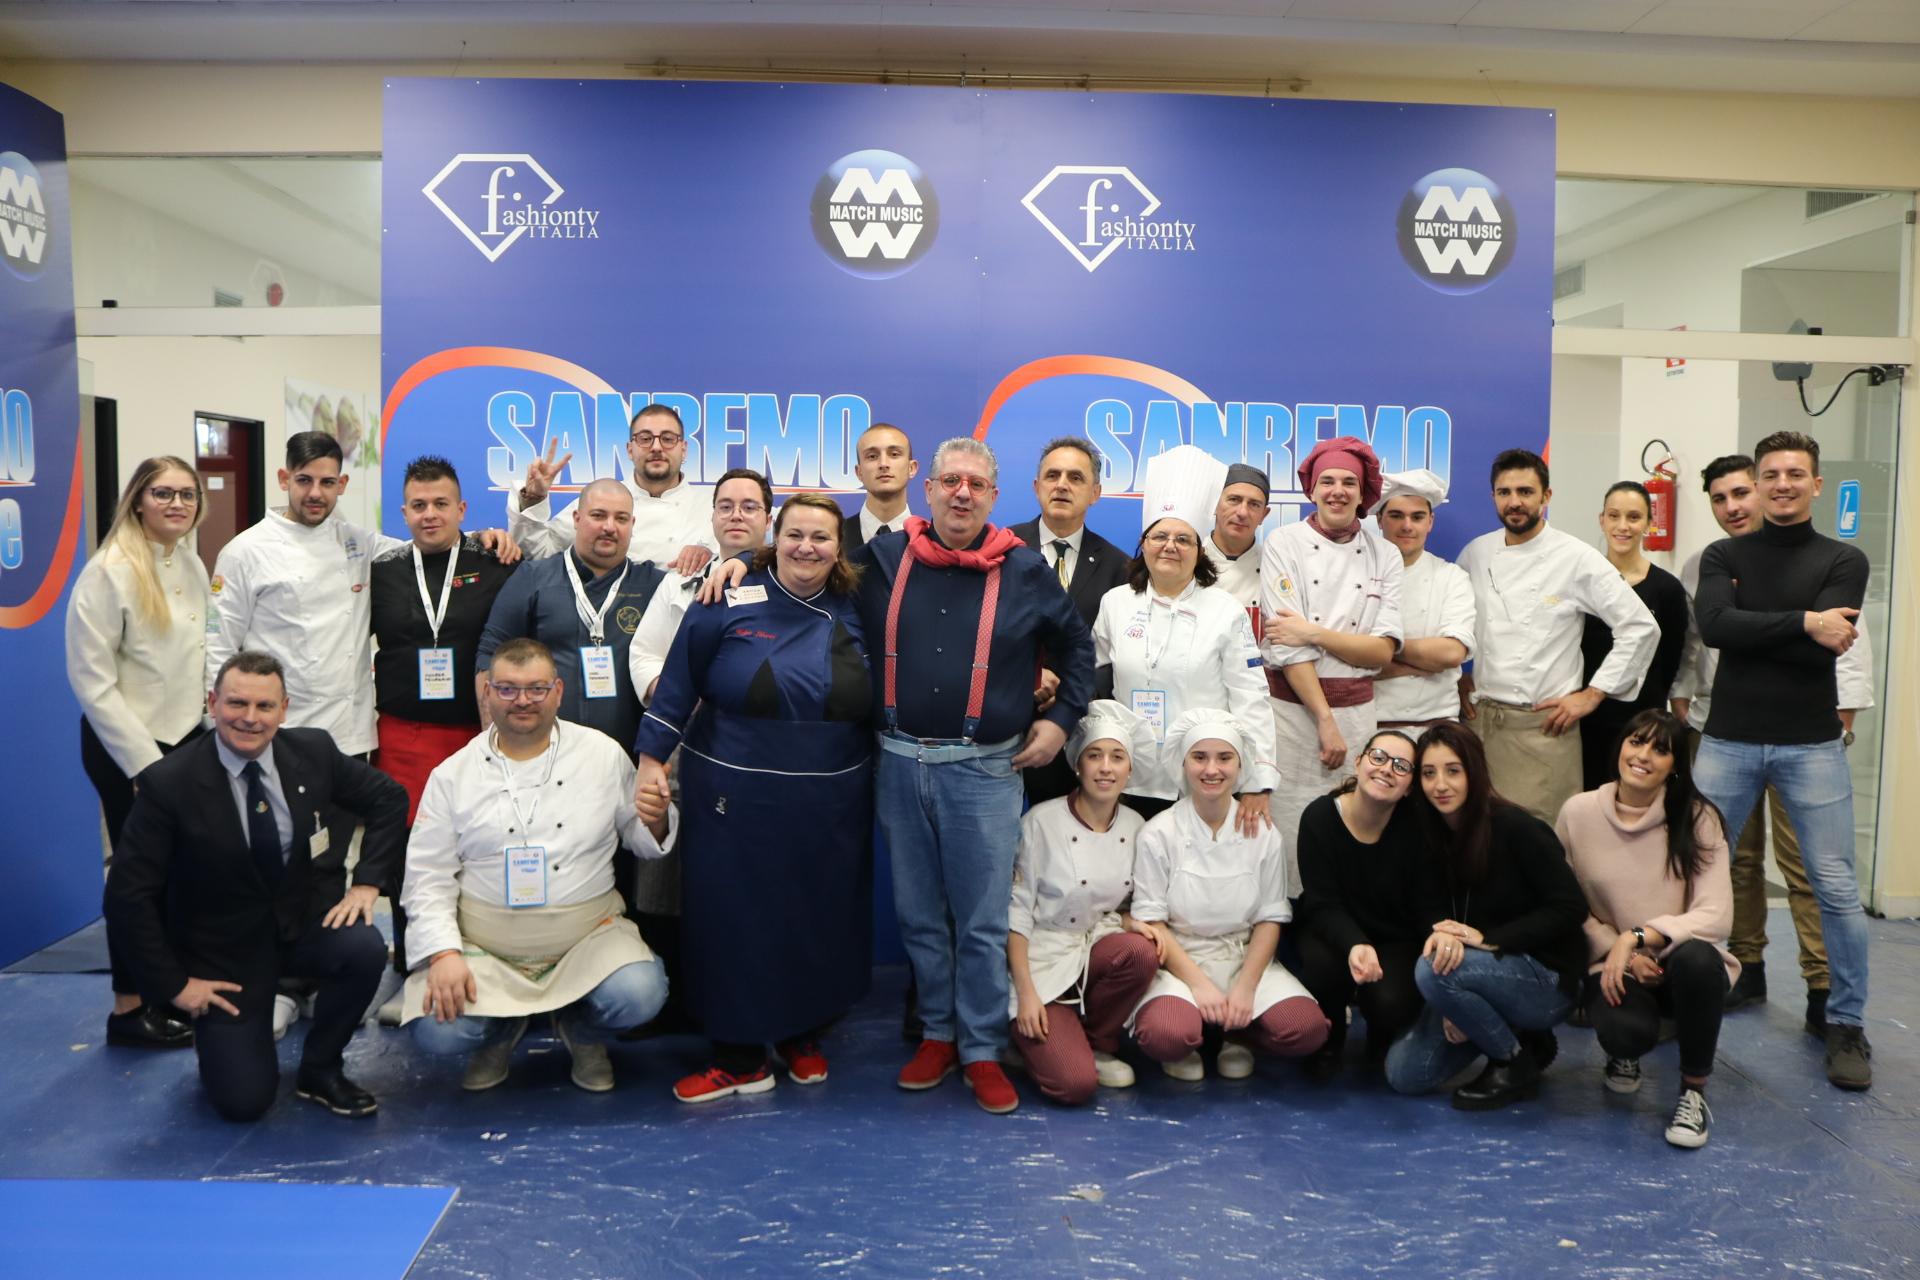 Le eccellenze campane dell'enogastronomia protagoniste al Sanremo Village 2018